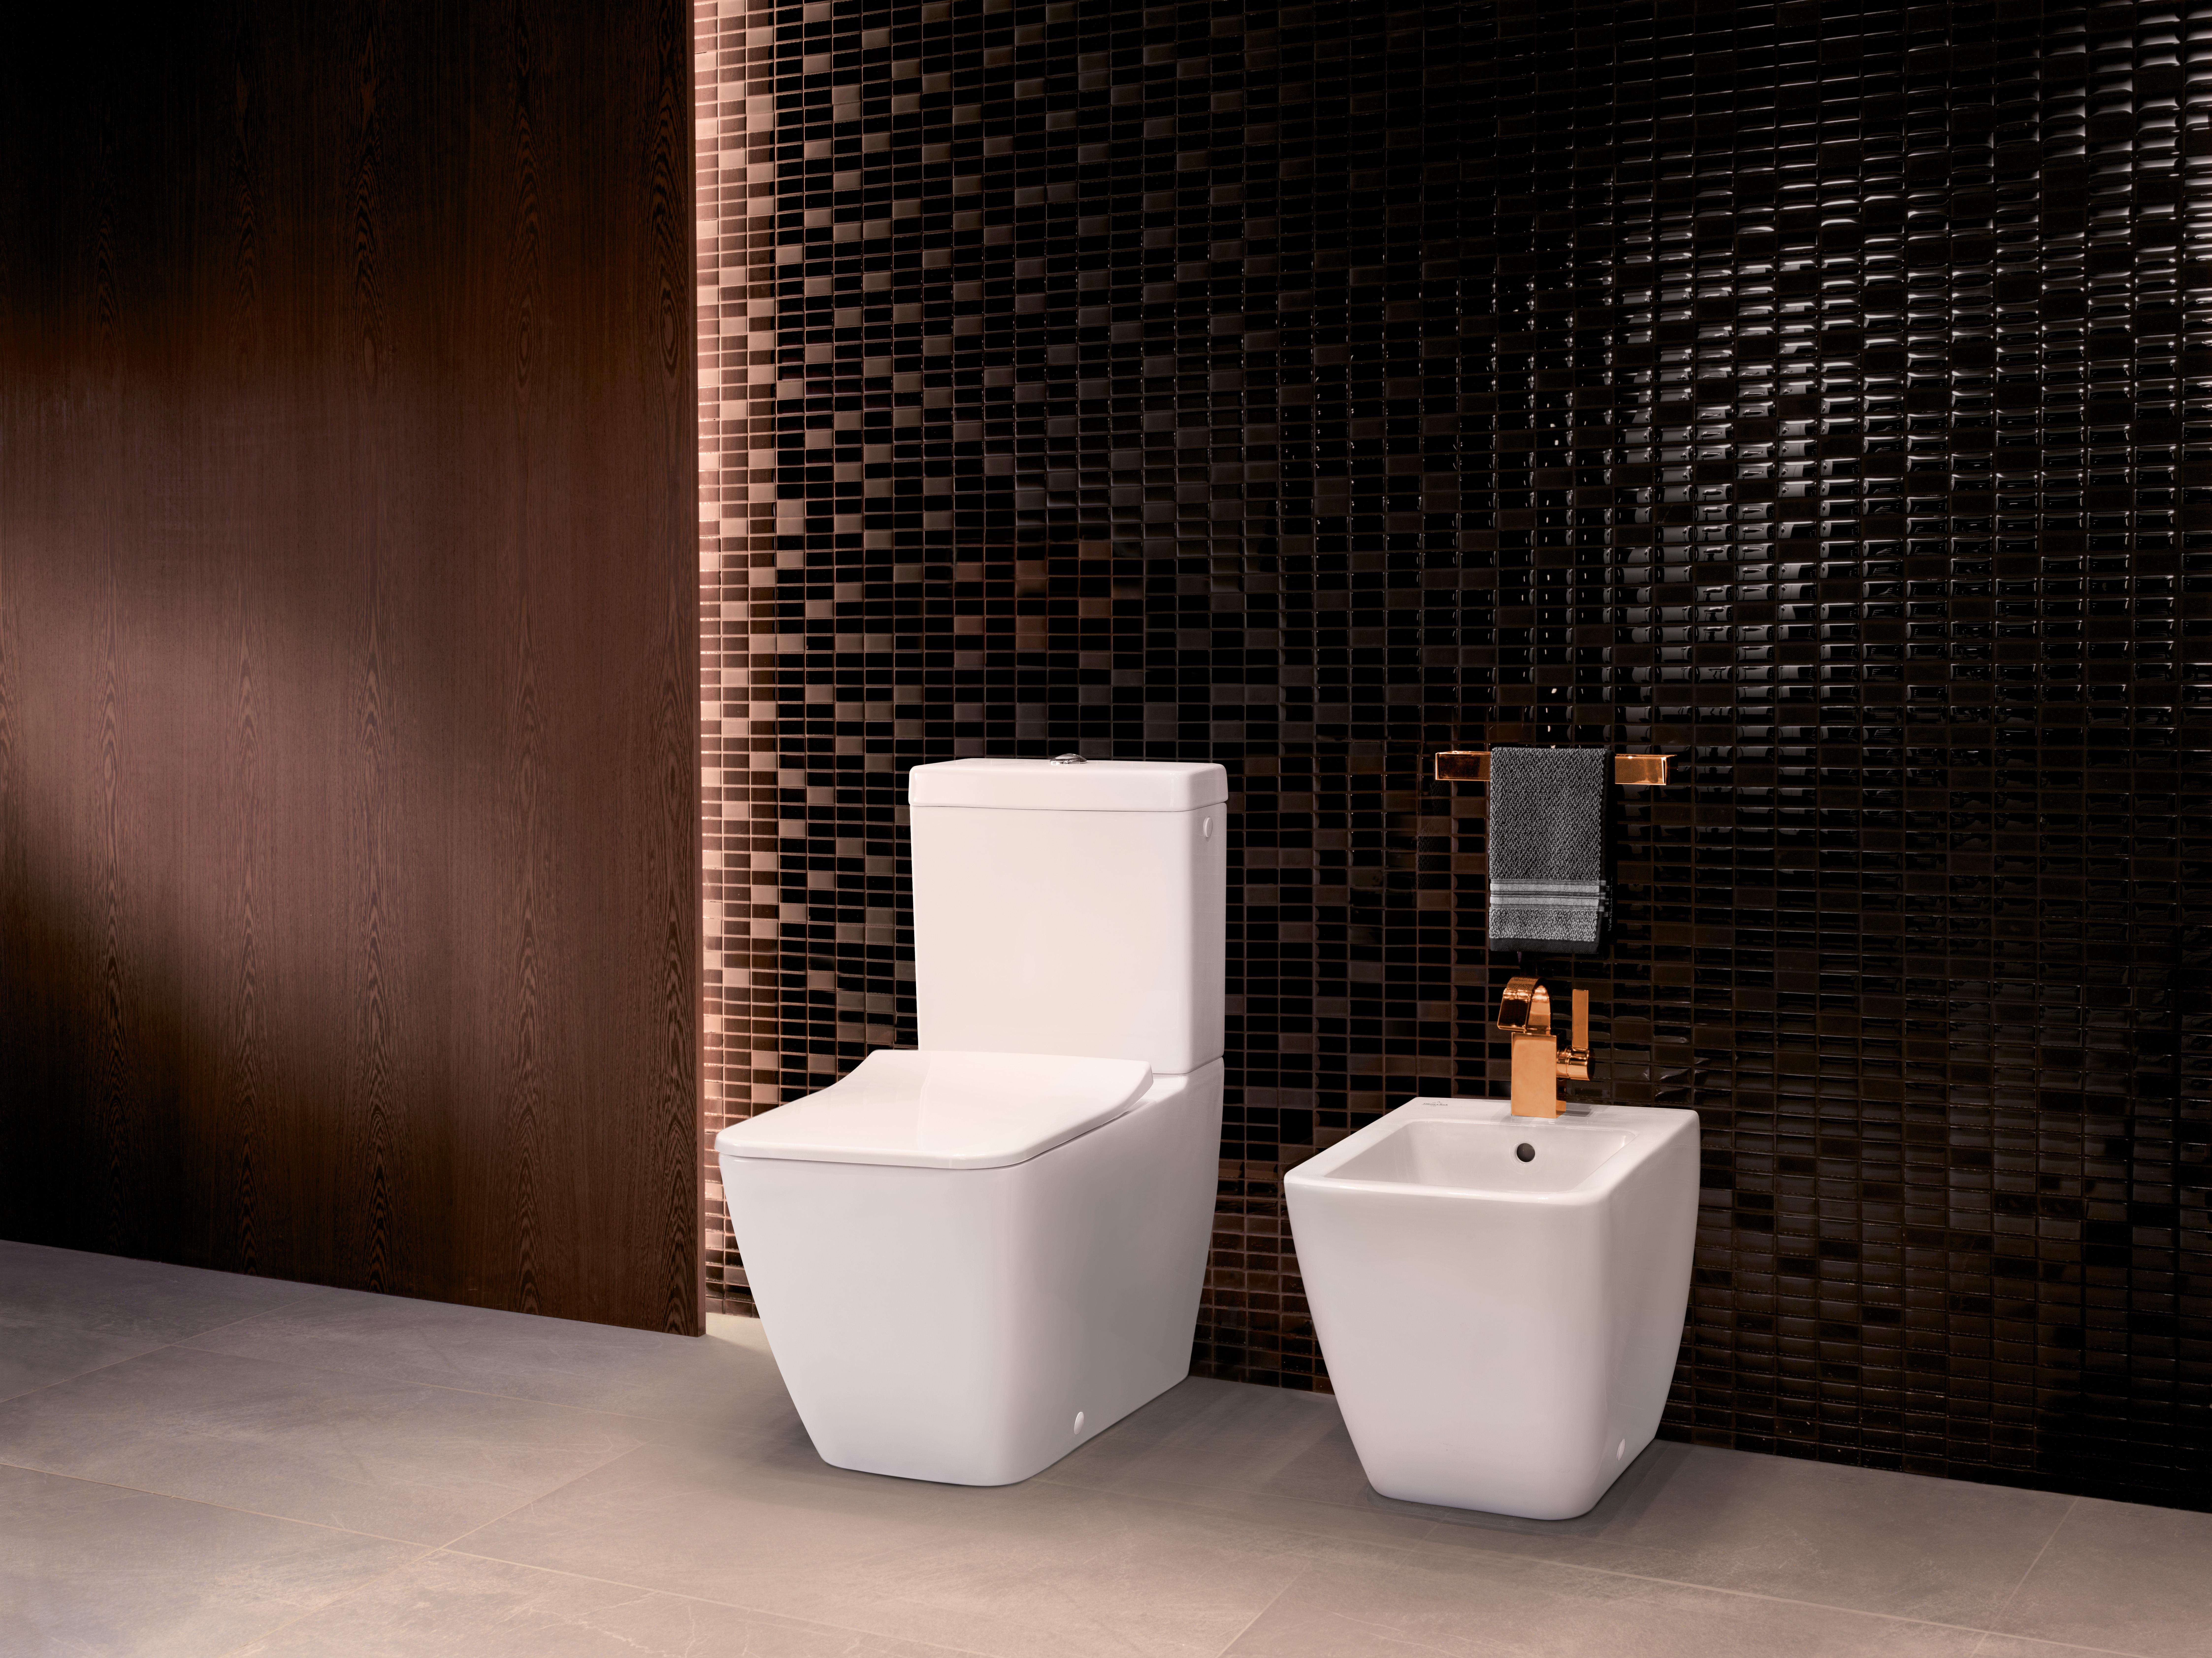 Venticello WC, WC-Kombination bodenstehend, Toiletten, Tiefspülklosett